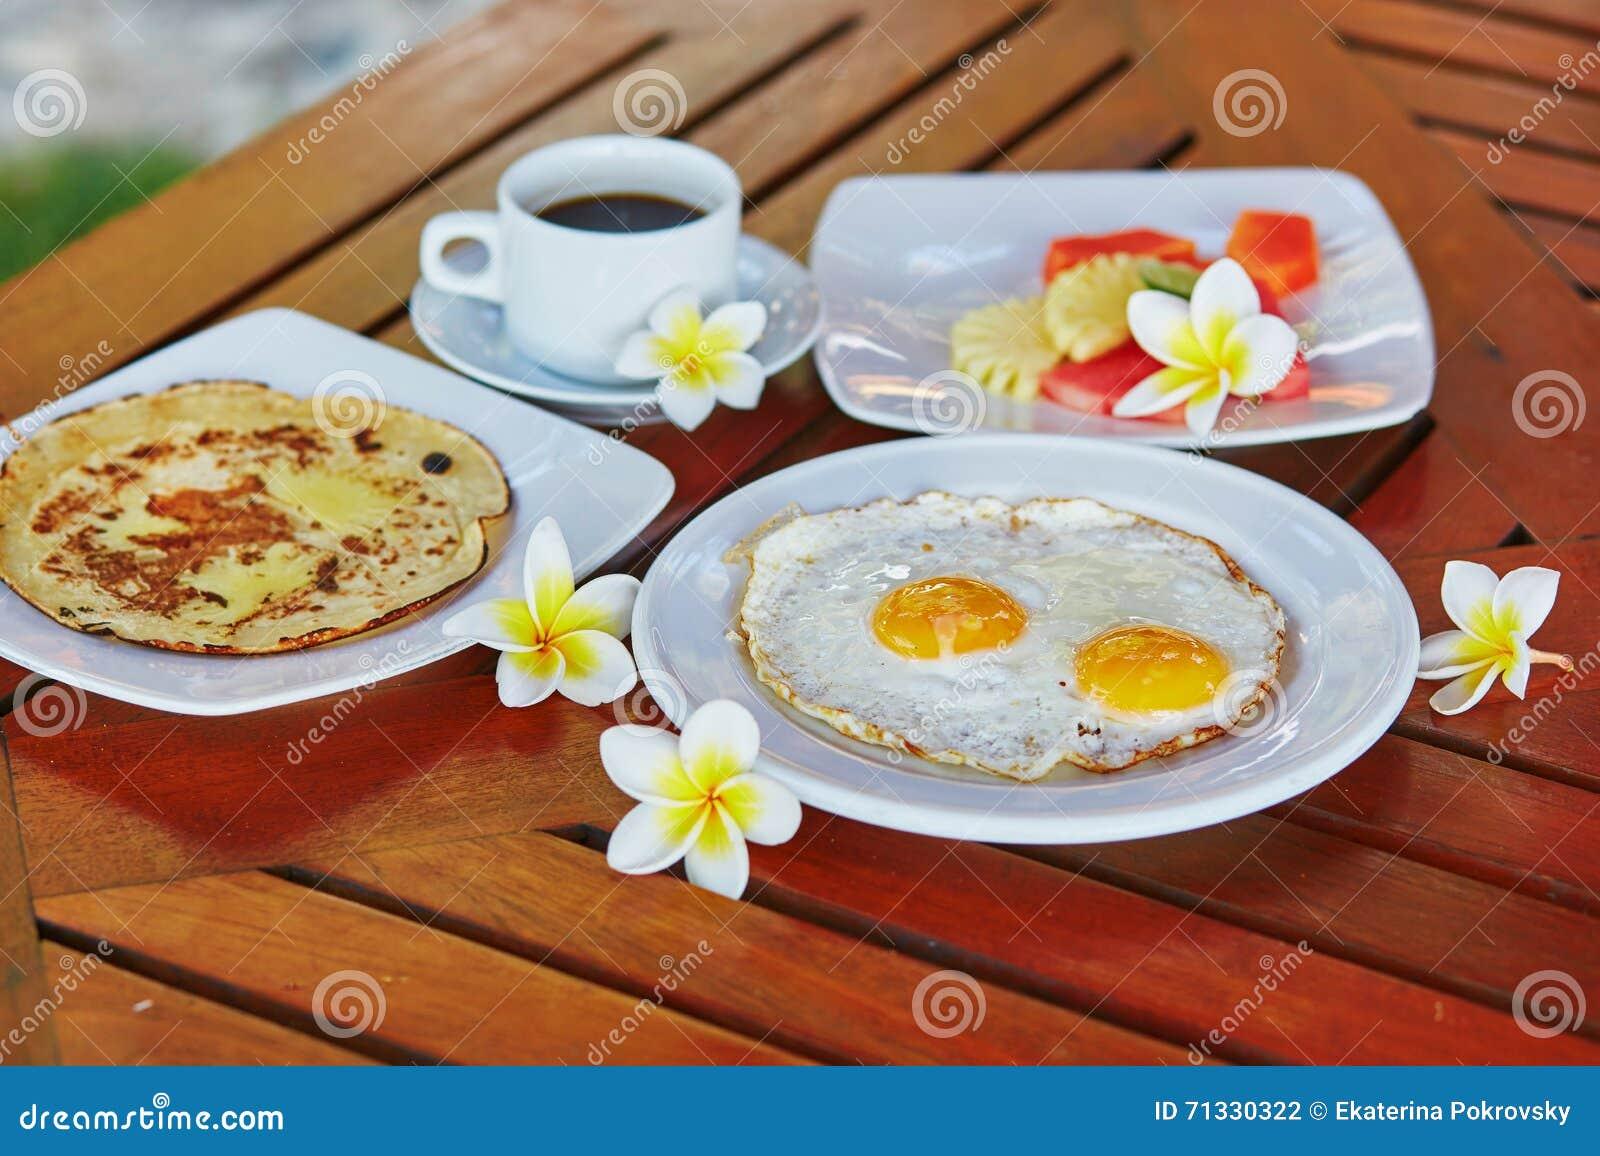 Wyśmienicie zdrowy śniadanie na tropikalnym kurorcie